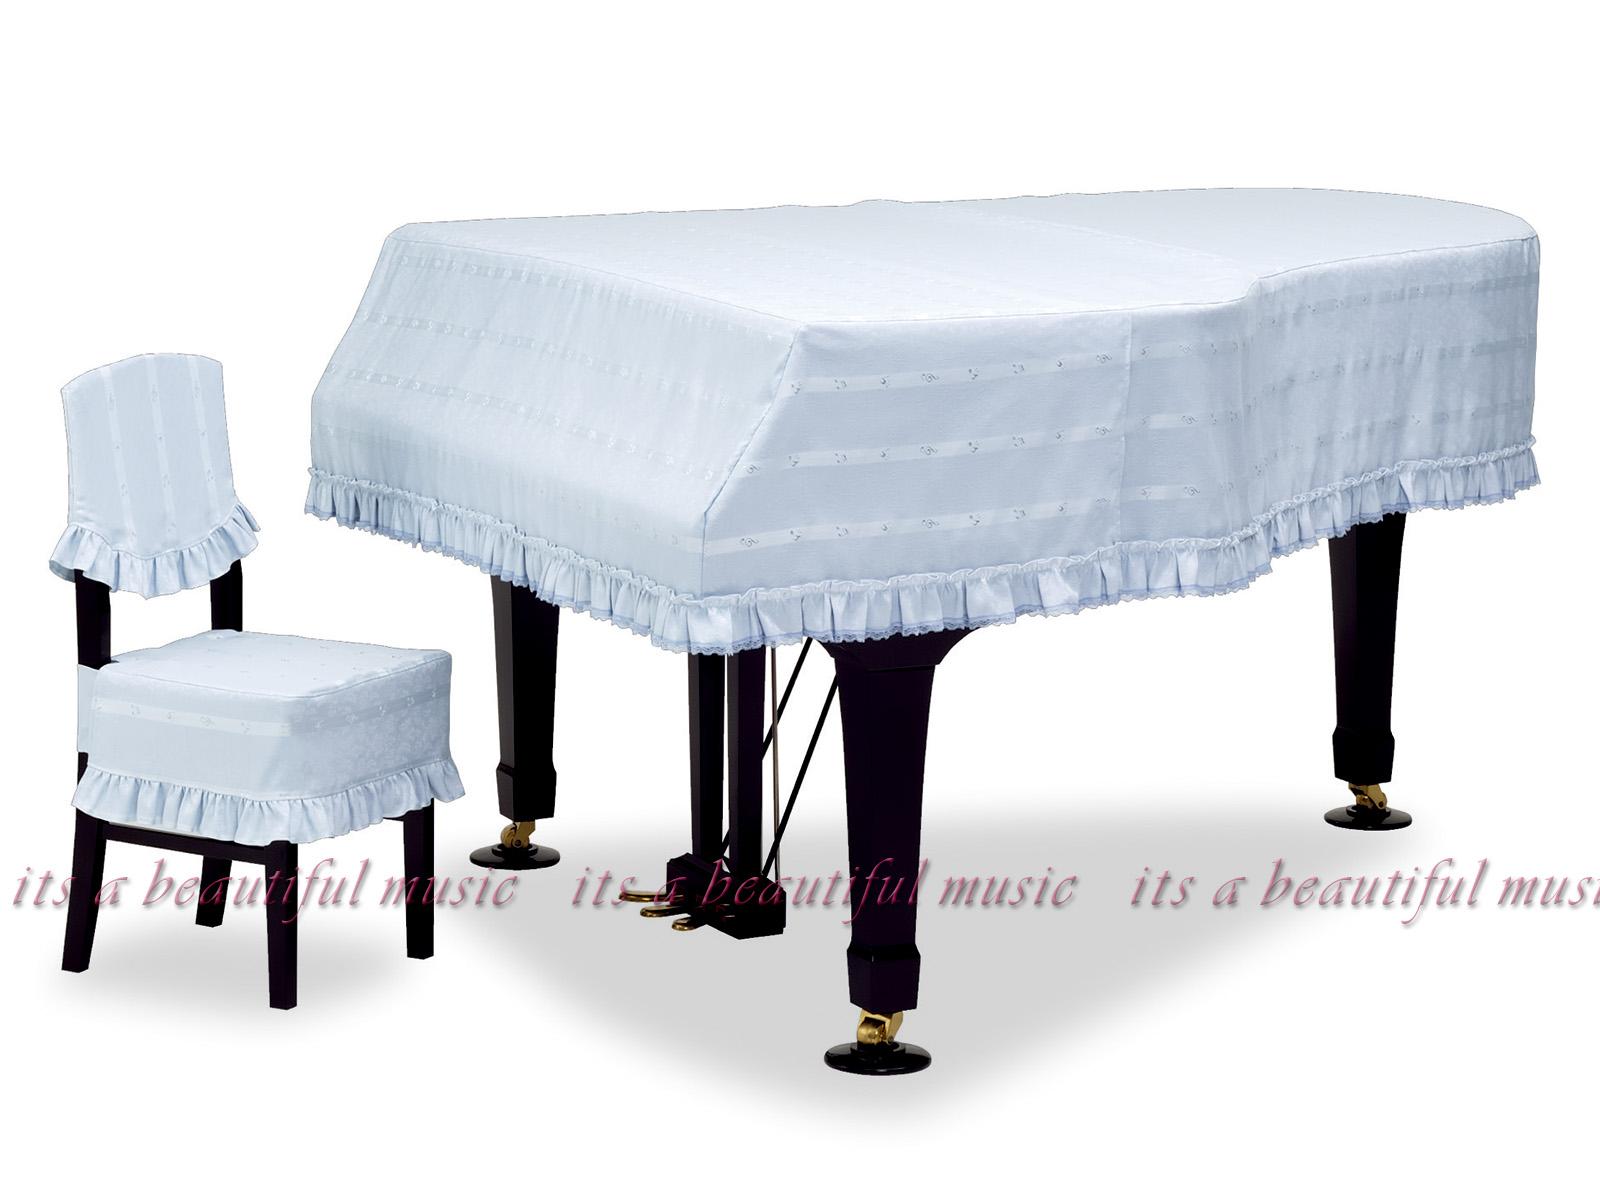 選びやすい商品配列、素材感が伝わる高詳細画像にリニューアル!有名3メーカー最新ピアノカバーをご紹介! 【its】レビューでもれなく高級クロス同梱!グランドピアノカバー 吉澤GP-579SB「清涼感あるブルーに音符柄ストライプ」【奥行150~160cm未満/A1/GB1K/GM12/G-156等】(ヨシザワ579SBシリーズ)